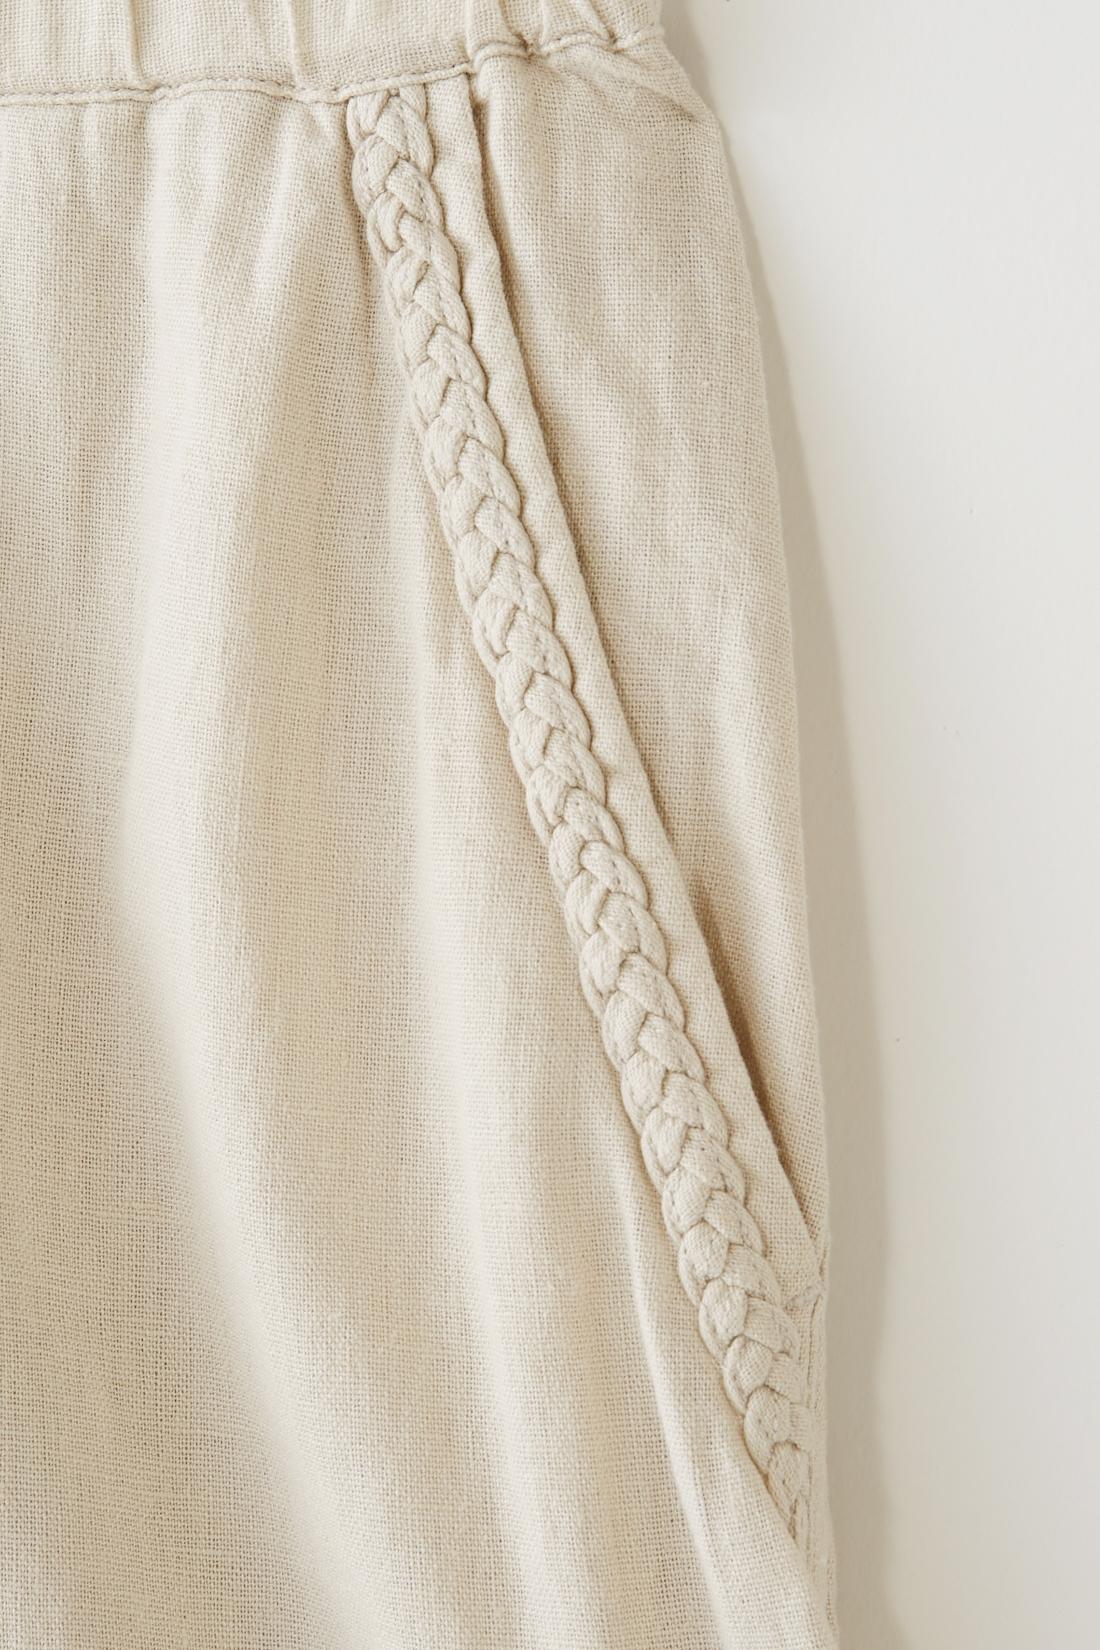 前・後ろのポケットは、編み込みのデザイン。ほどよいアクセントに。